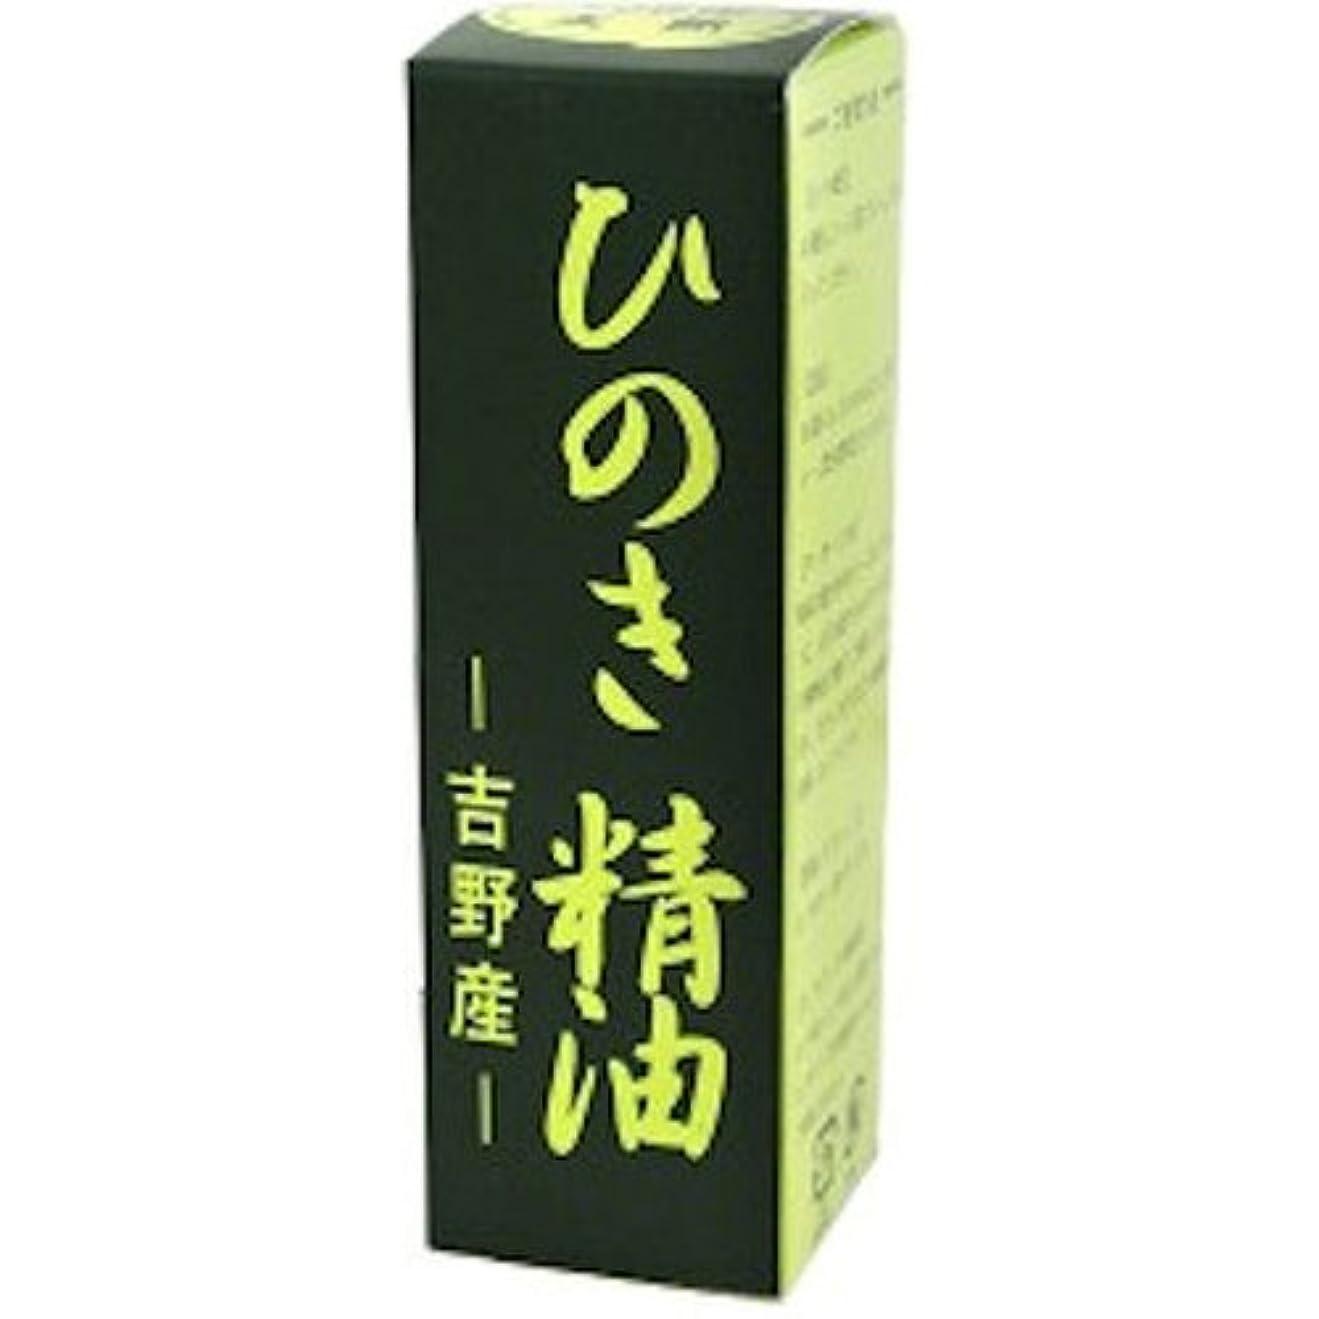 ギャラリー佐賀ミケランジェロ吉野ひのき精油(エッセンスオイル) 30ml